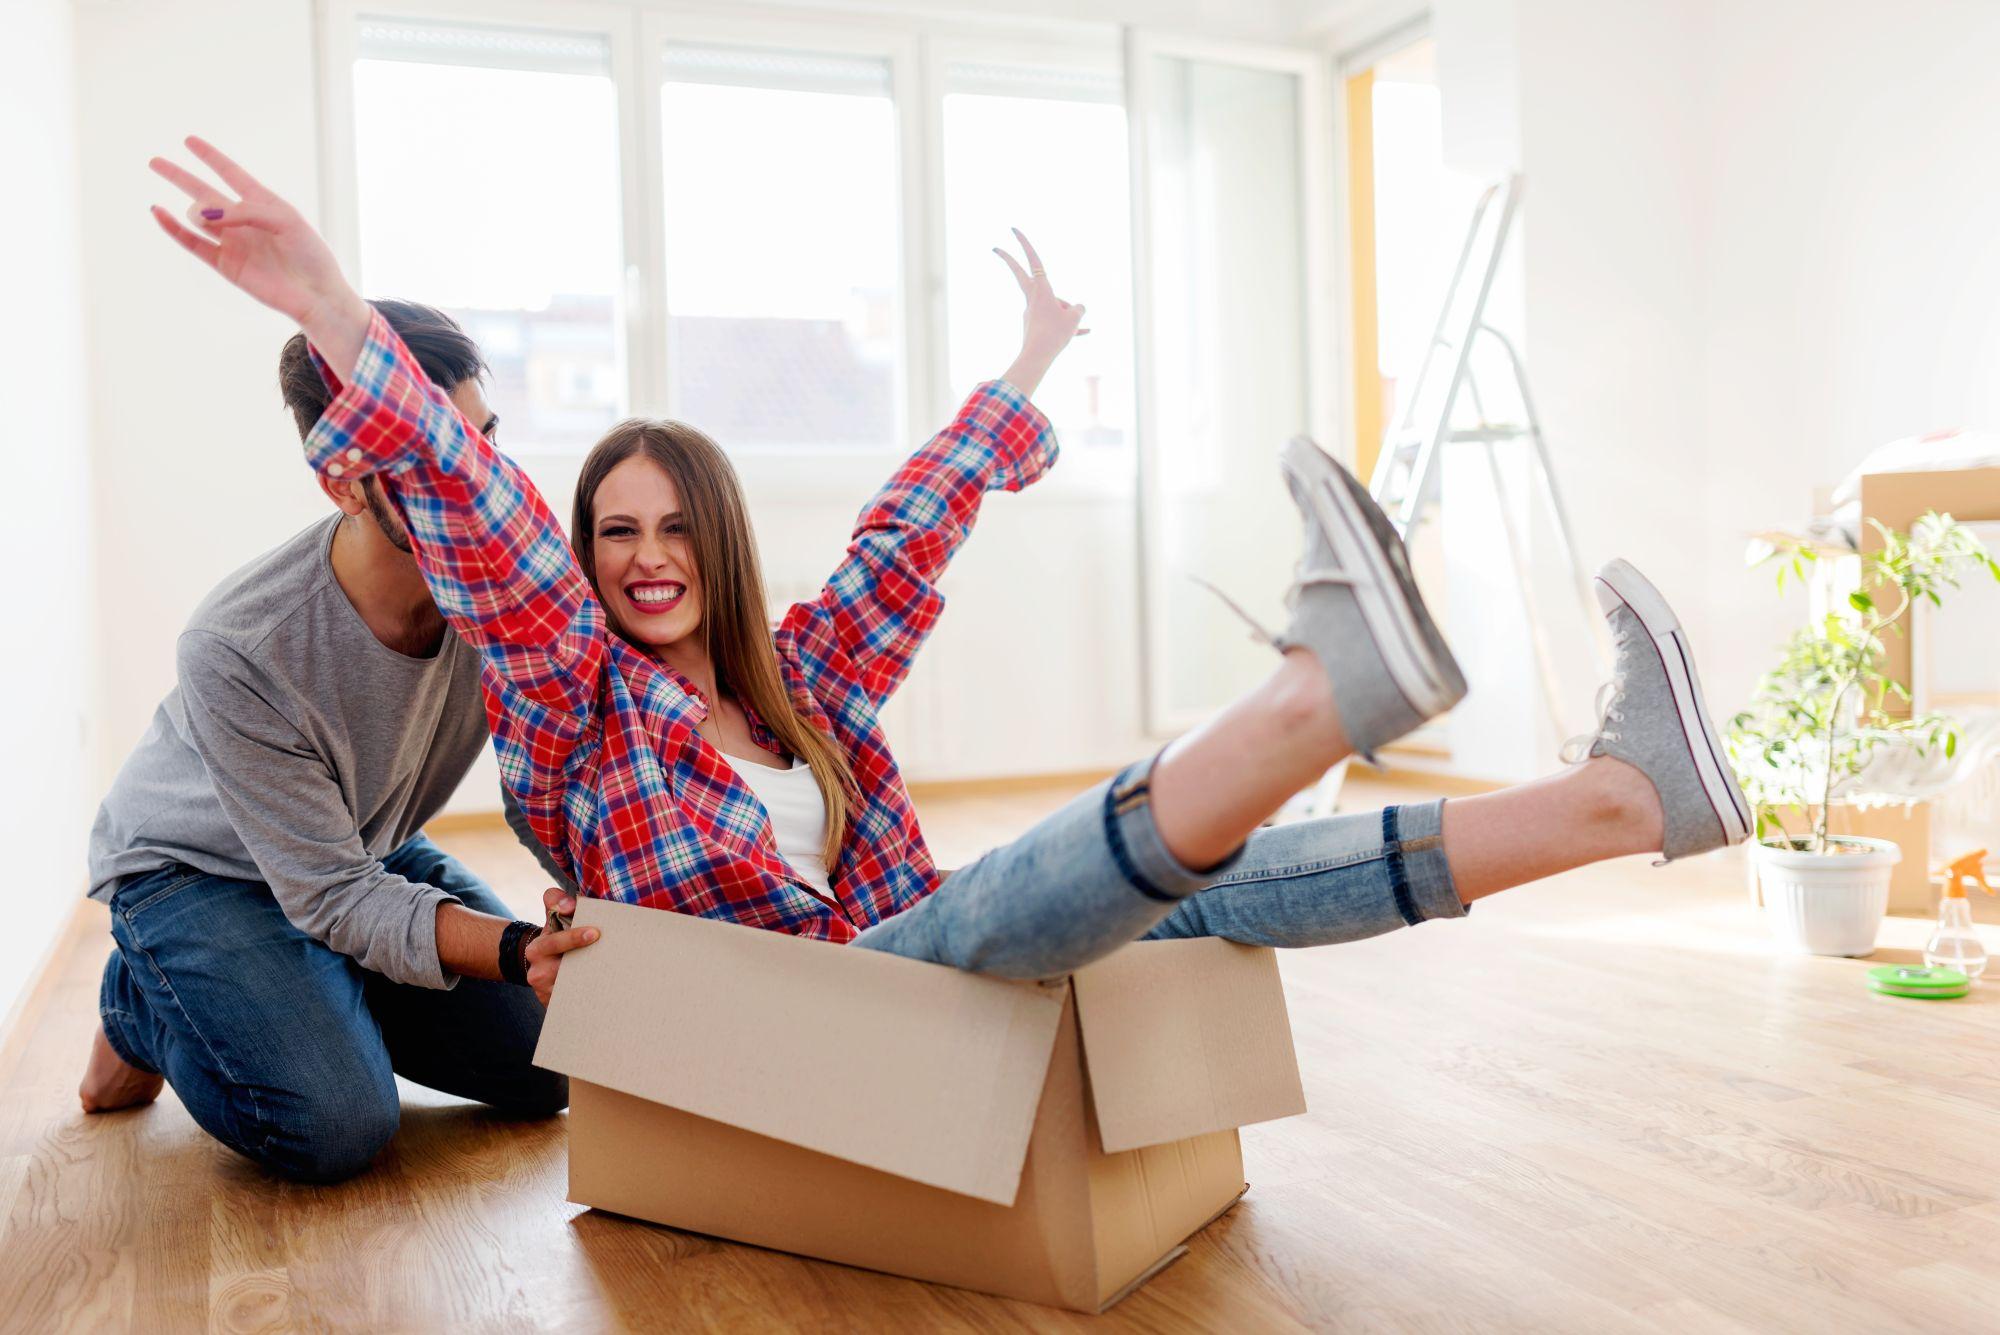 Ausziehen: In eine eigene Wohnung oder eine WG